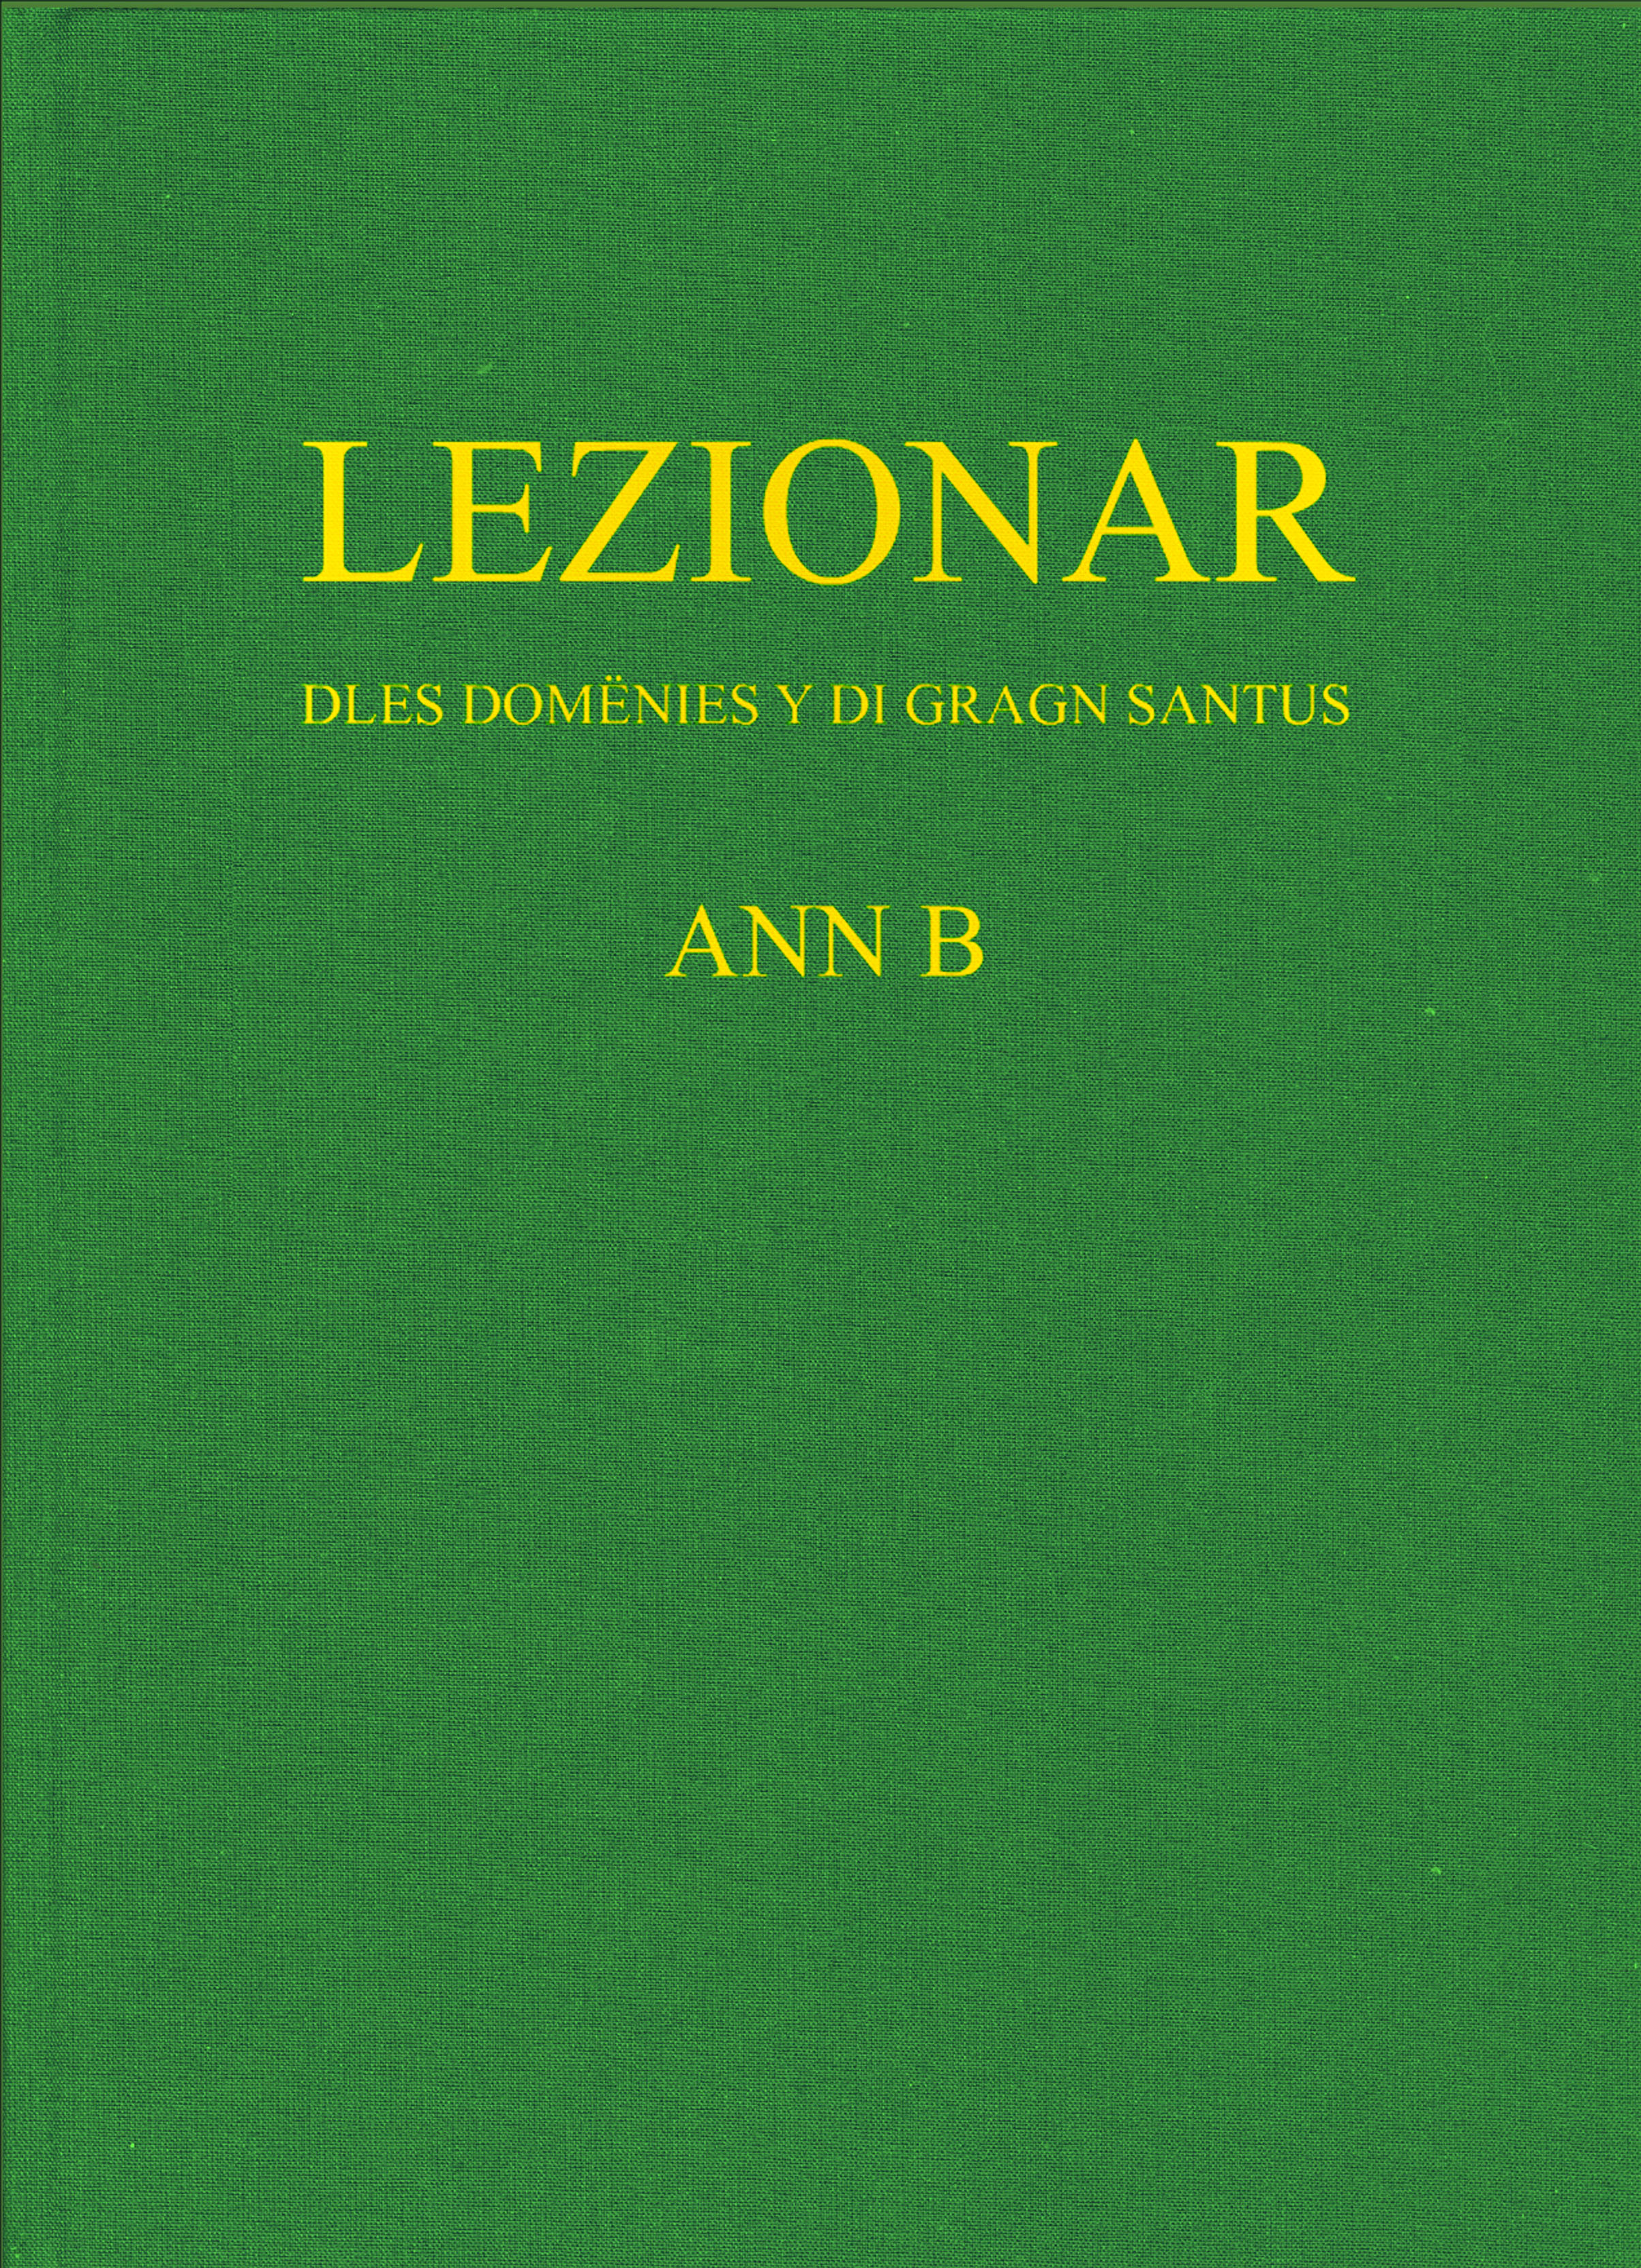 Lezionar_B.jpg